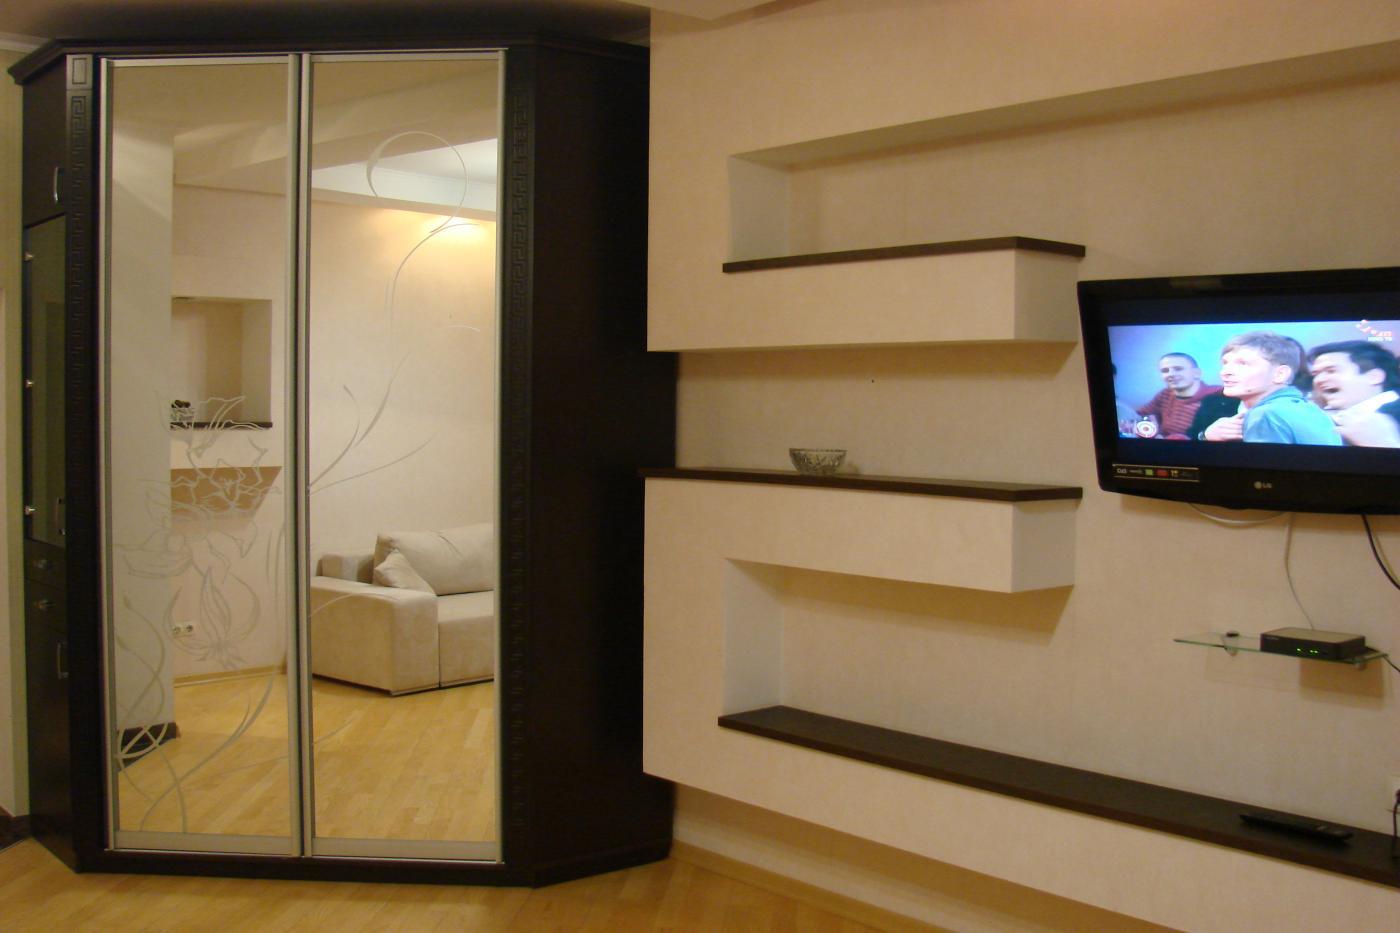 2-комнатная квартира посуточно (вариант № 2247), ул. Большая Морская улица, фото № 2